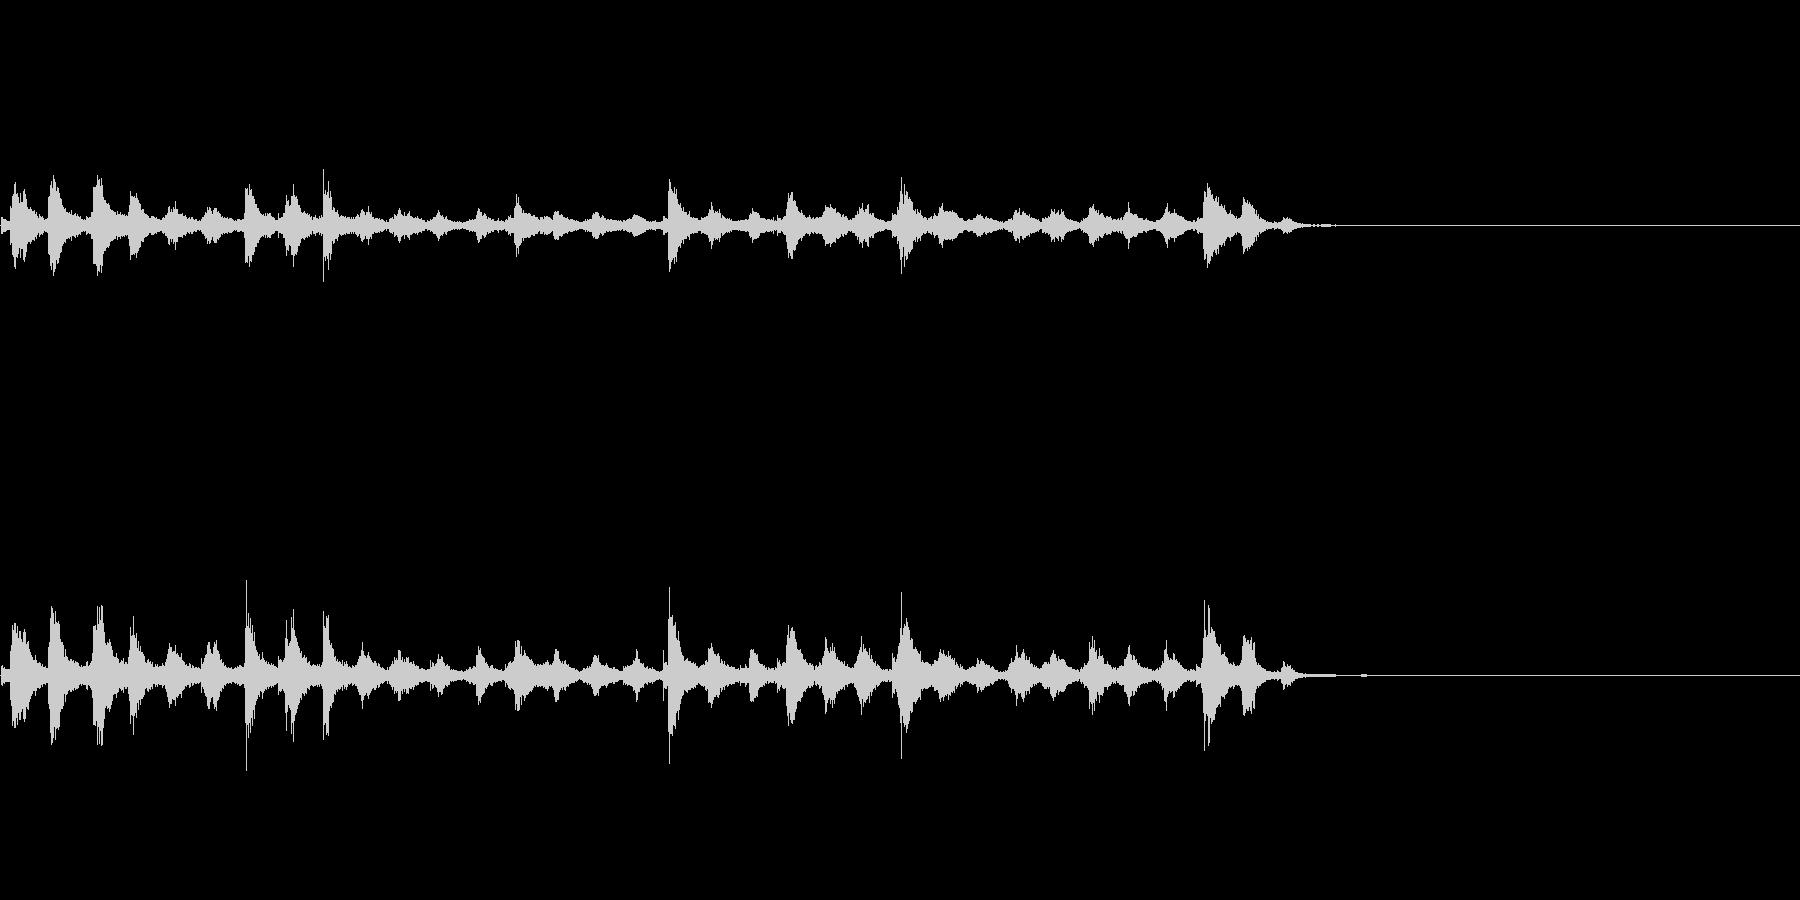 『チャッパ』和製シンバルのフレーズ4FXの未再生の波形